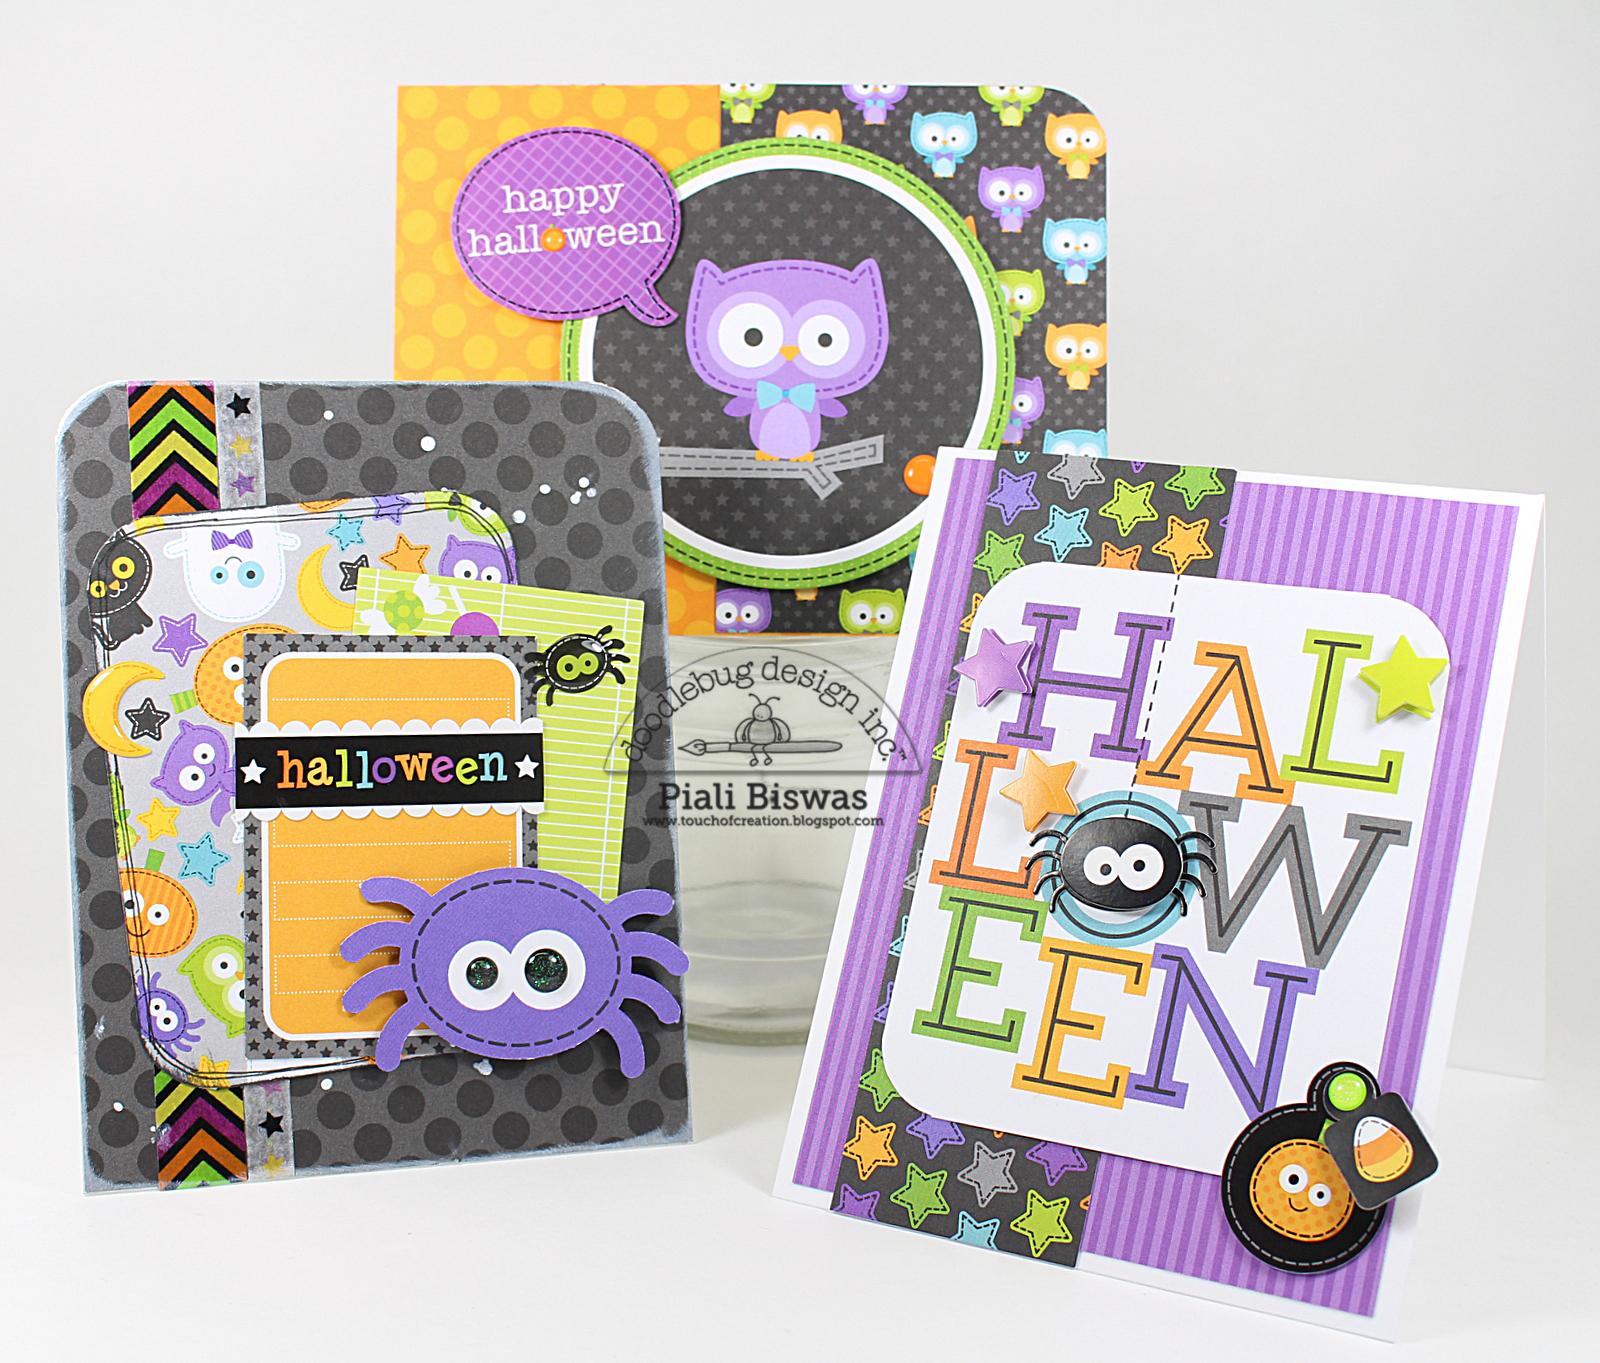 Doodlebug Design Inc Blog October 31st Collection Halloween Cards